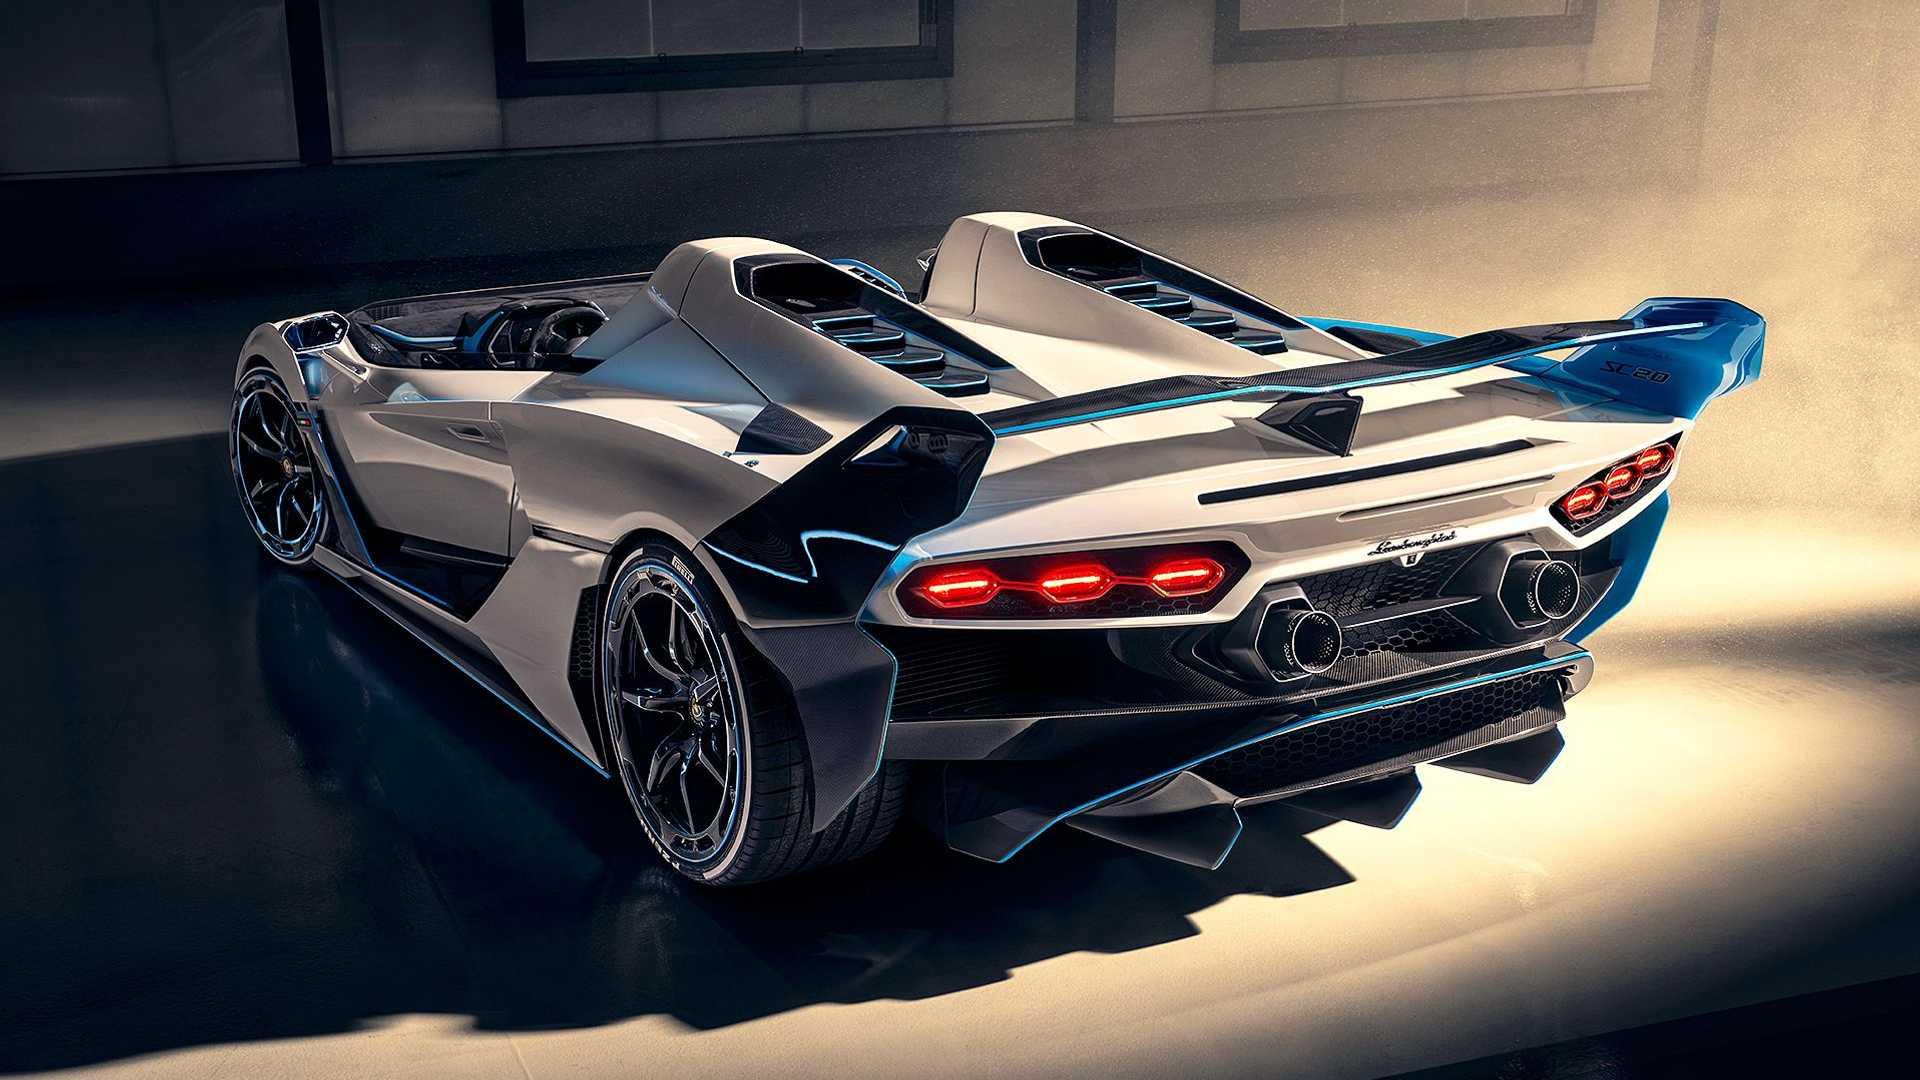 Lamborghini SC20: Μοναδικό υπεραυτοκίνητο χωρίς οροφή [vid]